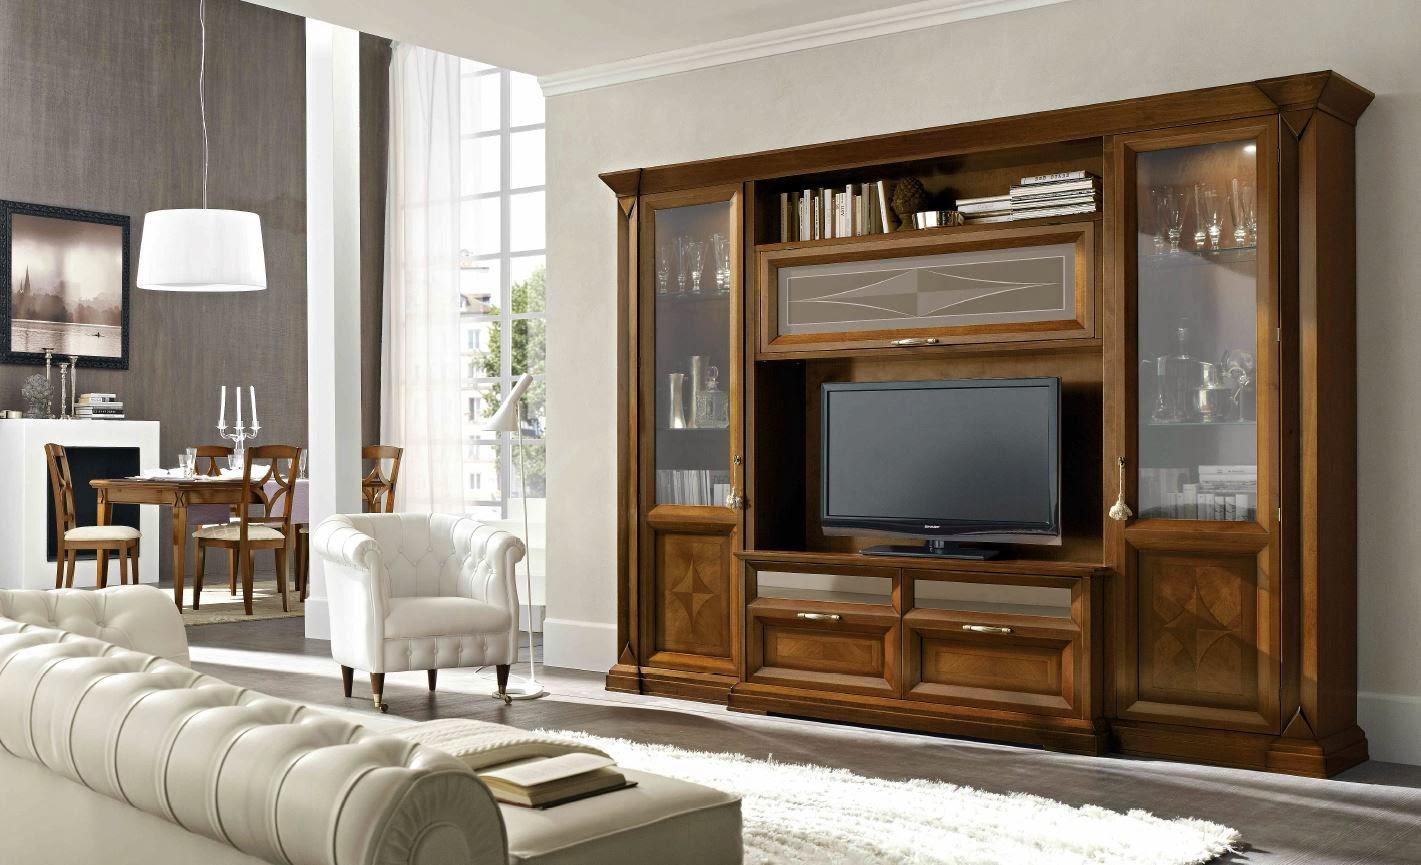 Sala Da Pranzo Classica Le Fablier | madgeweb.com idee di interior ...